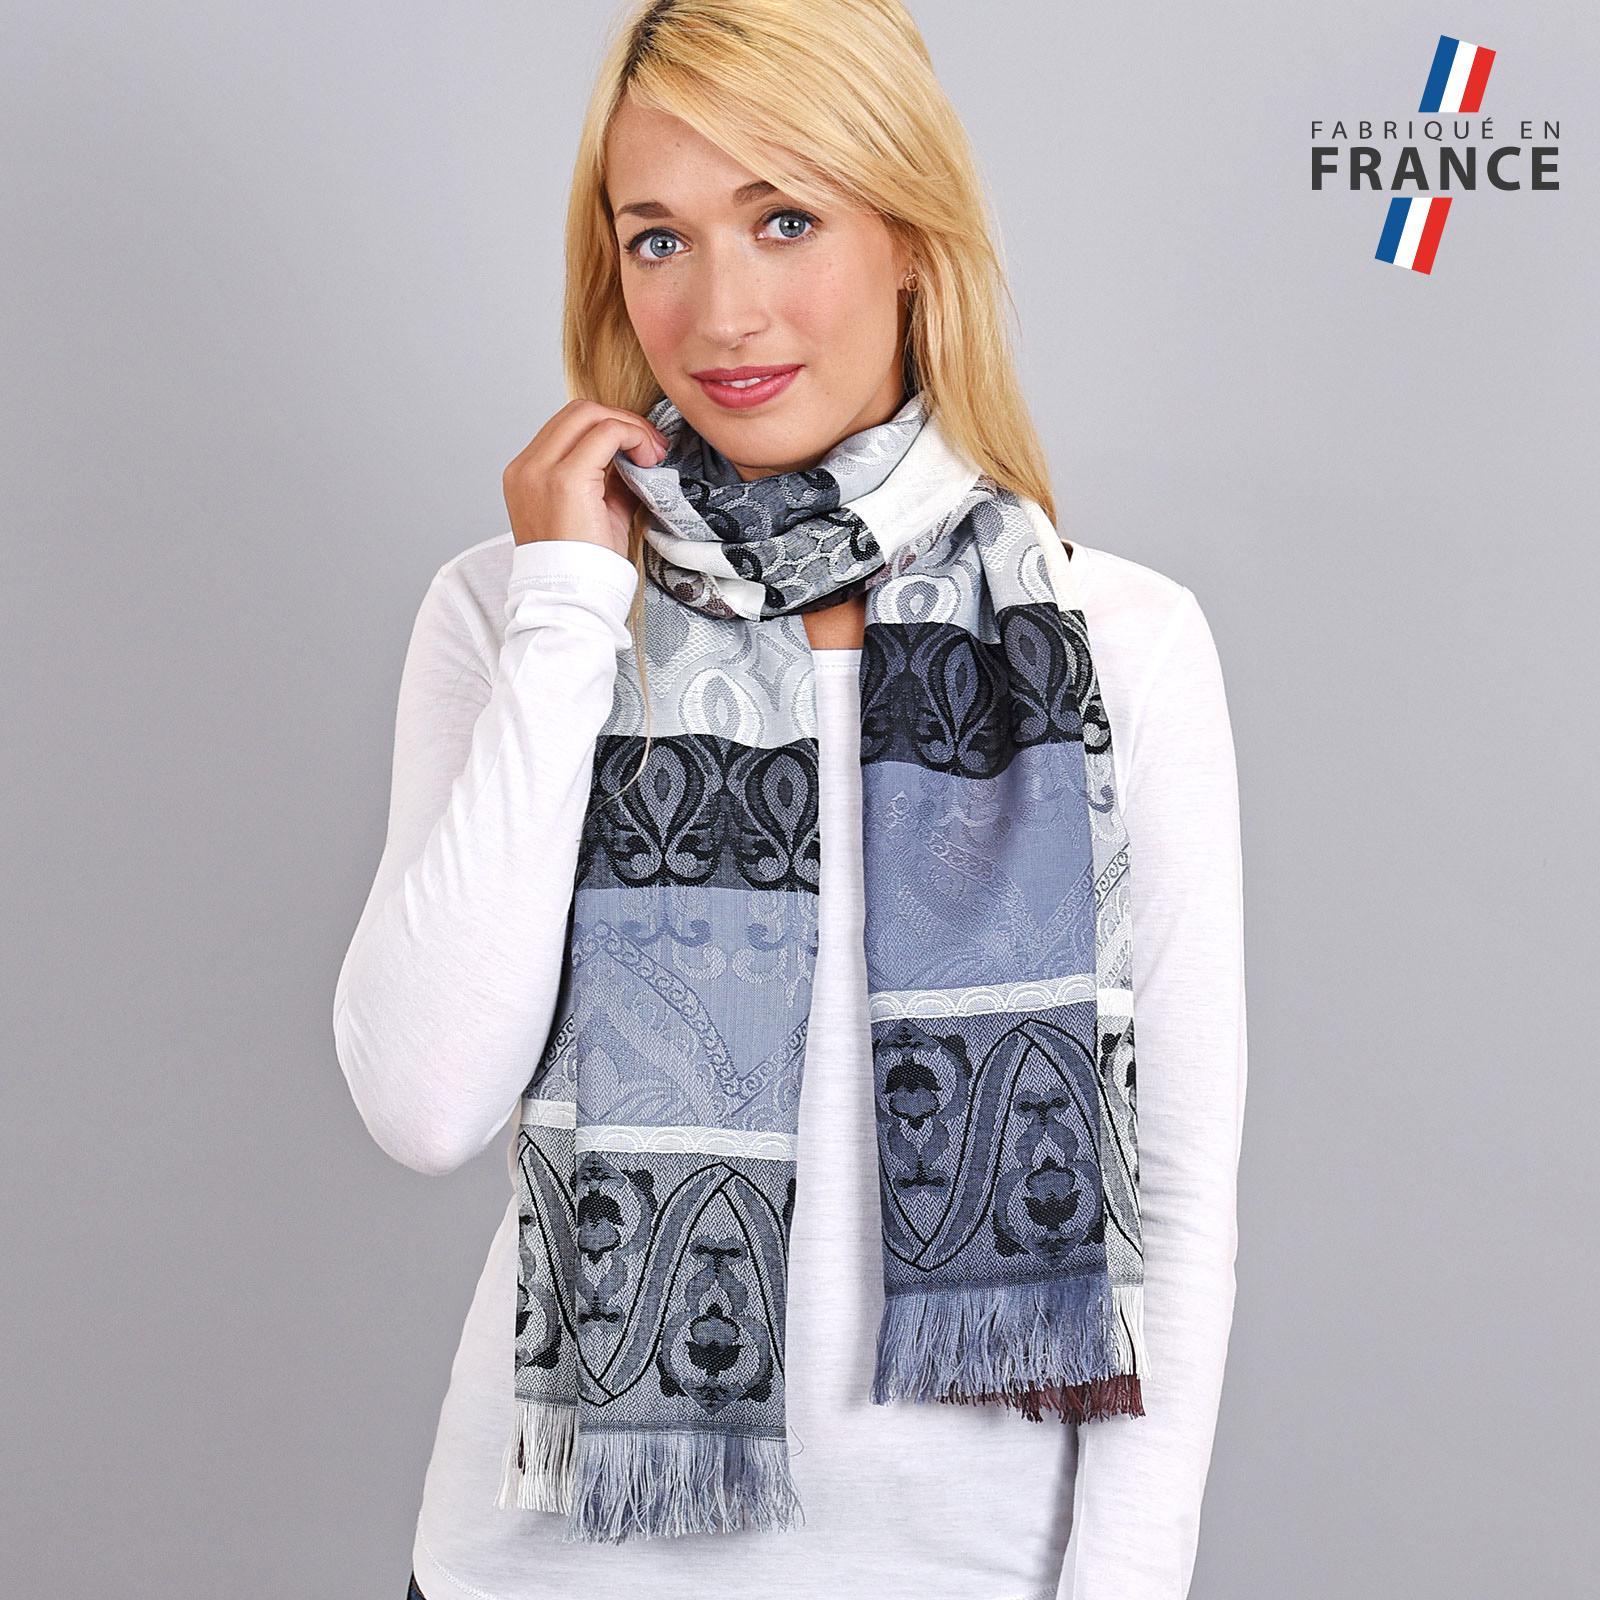 AT-04172-VF16-LB_FR-echarpe-femme-noire-et-blanche